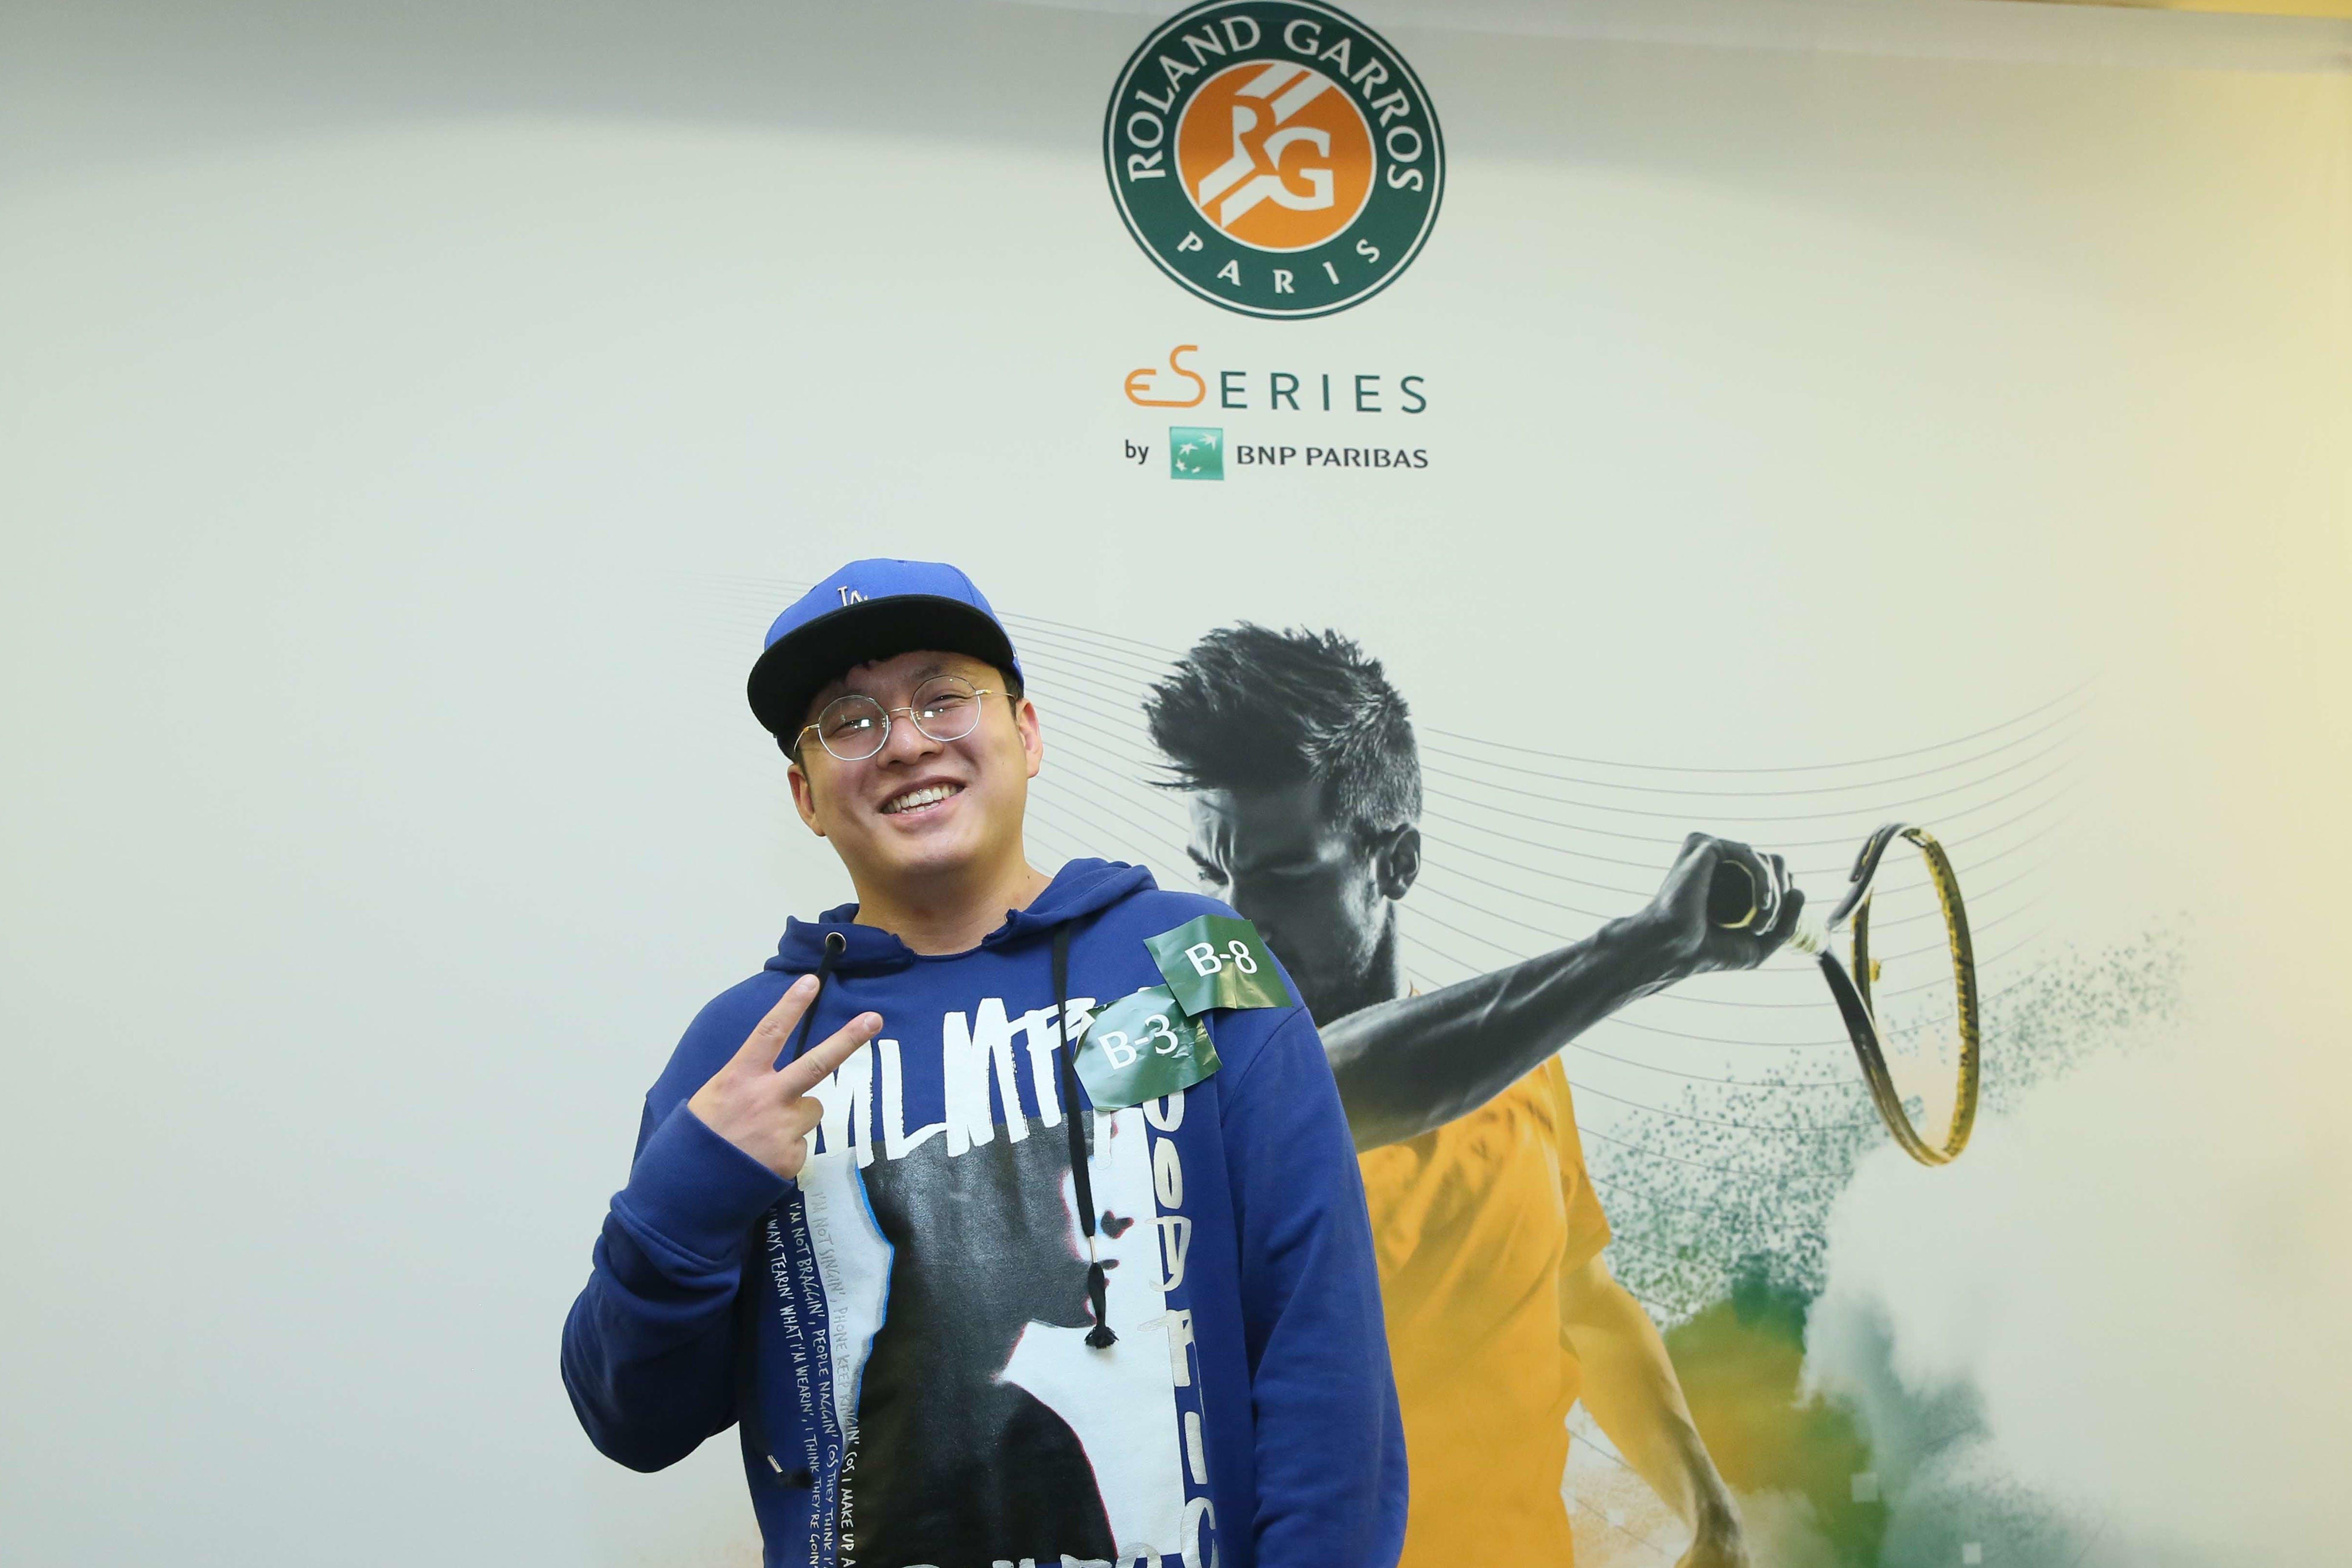 eSeries Roland-Garros à Pekin/ eSeries Roland-Garros in Beijing